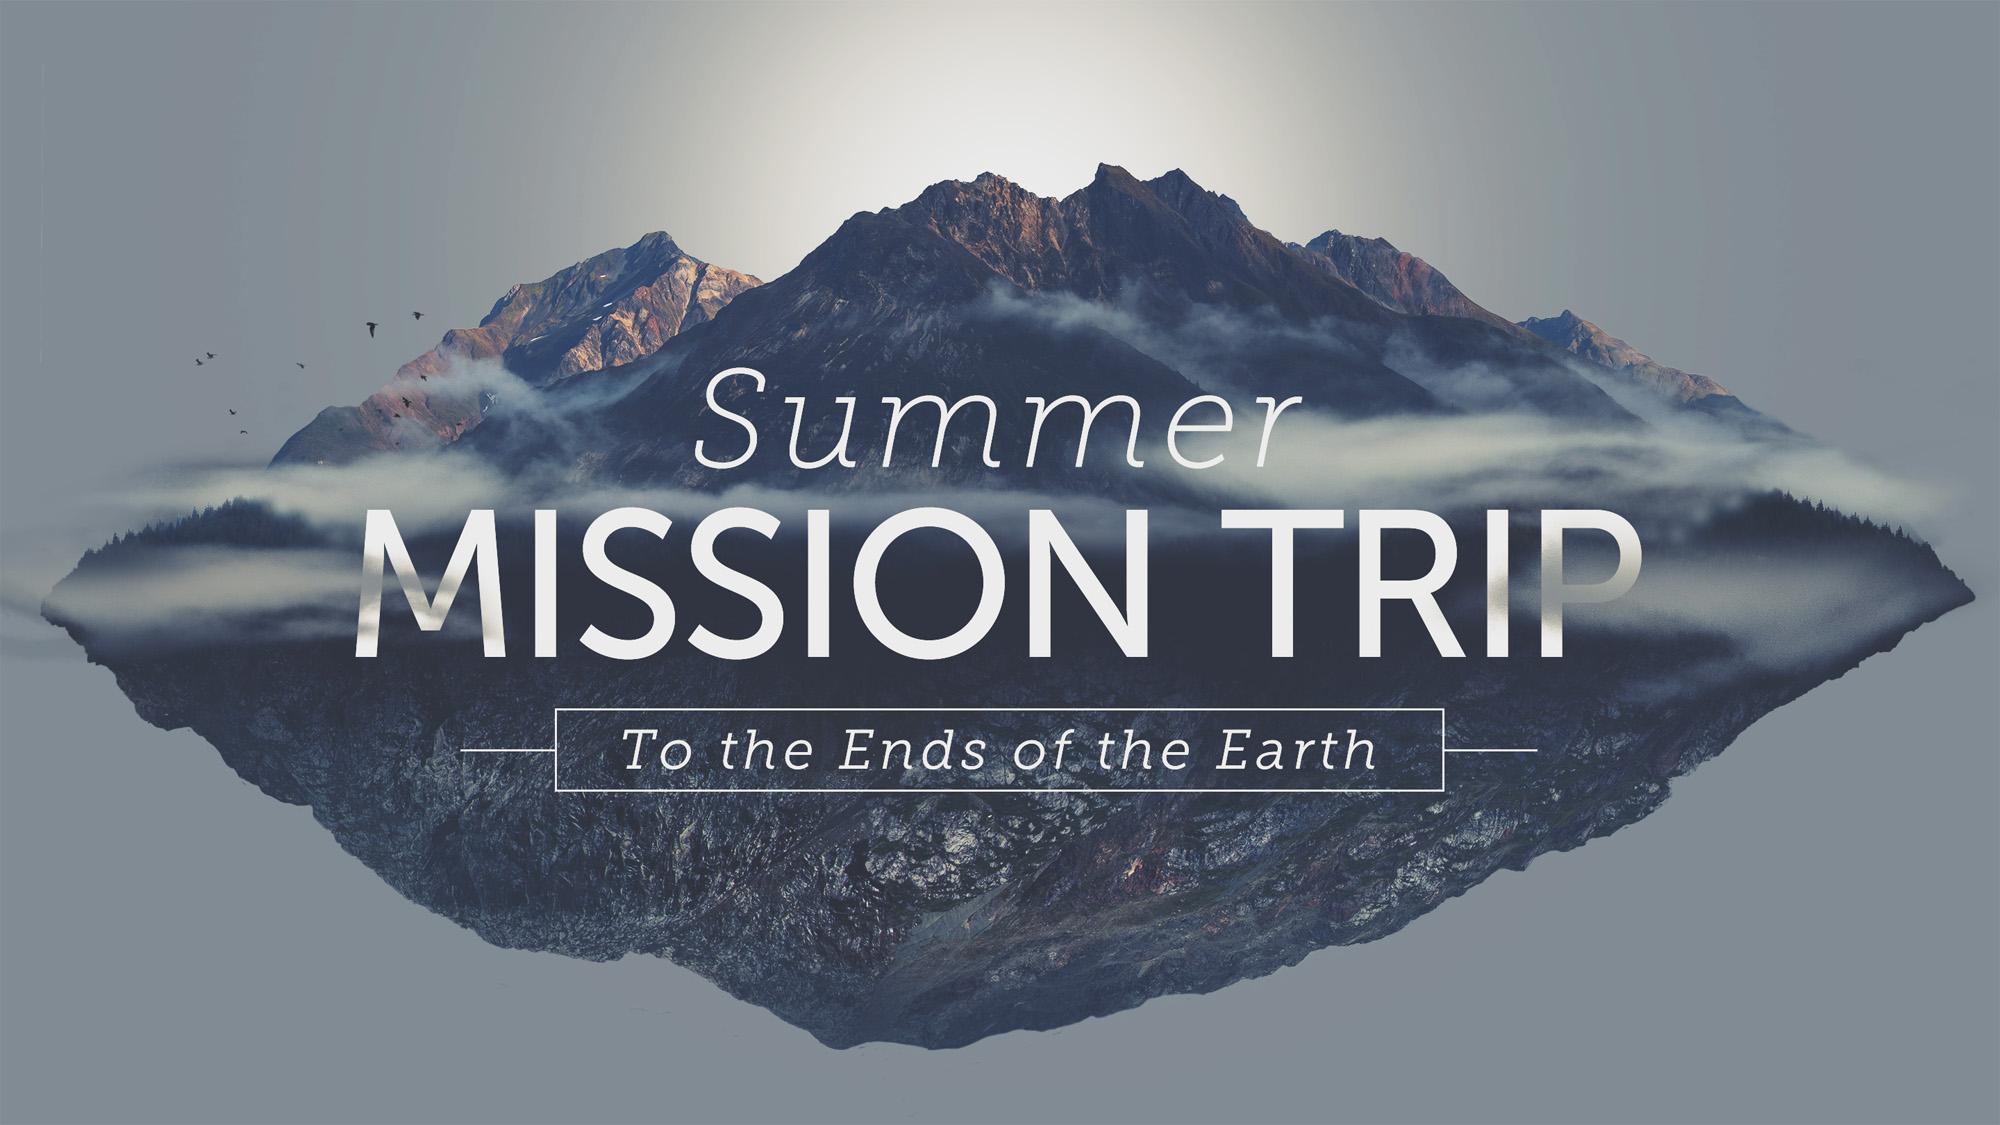 Summer mission trip title 1 still 16x9